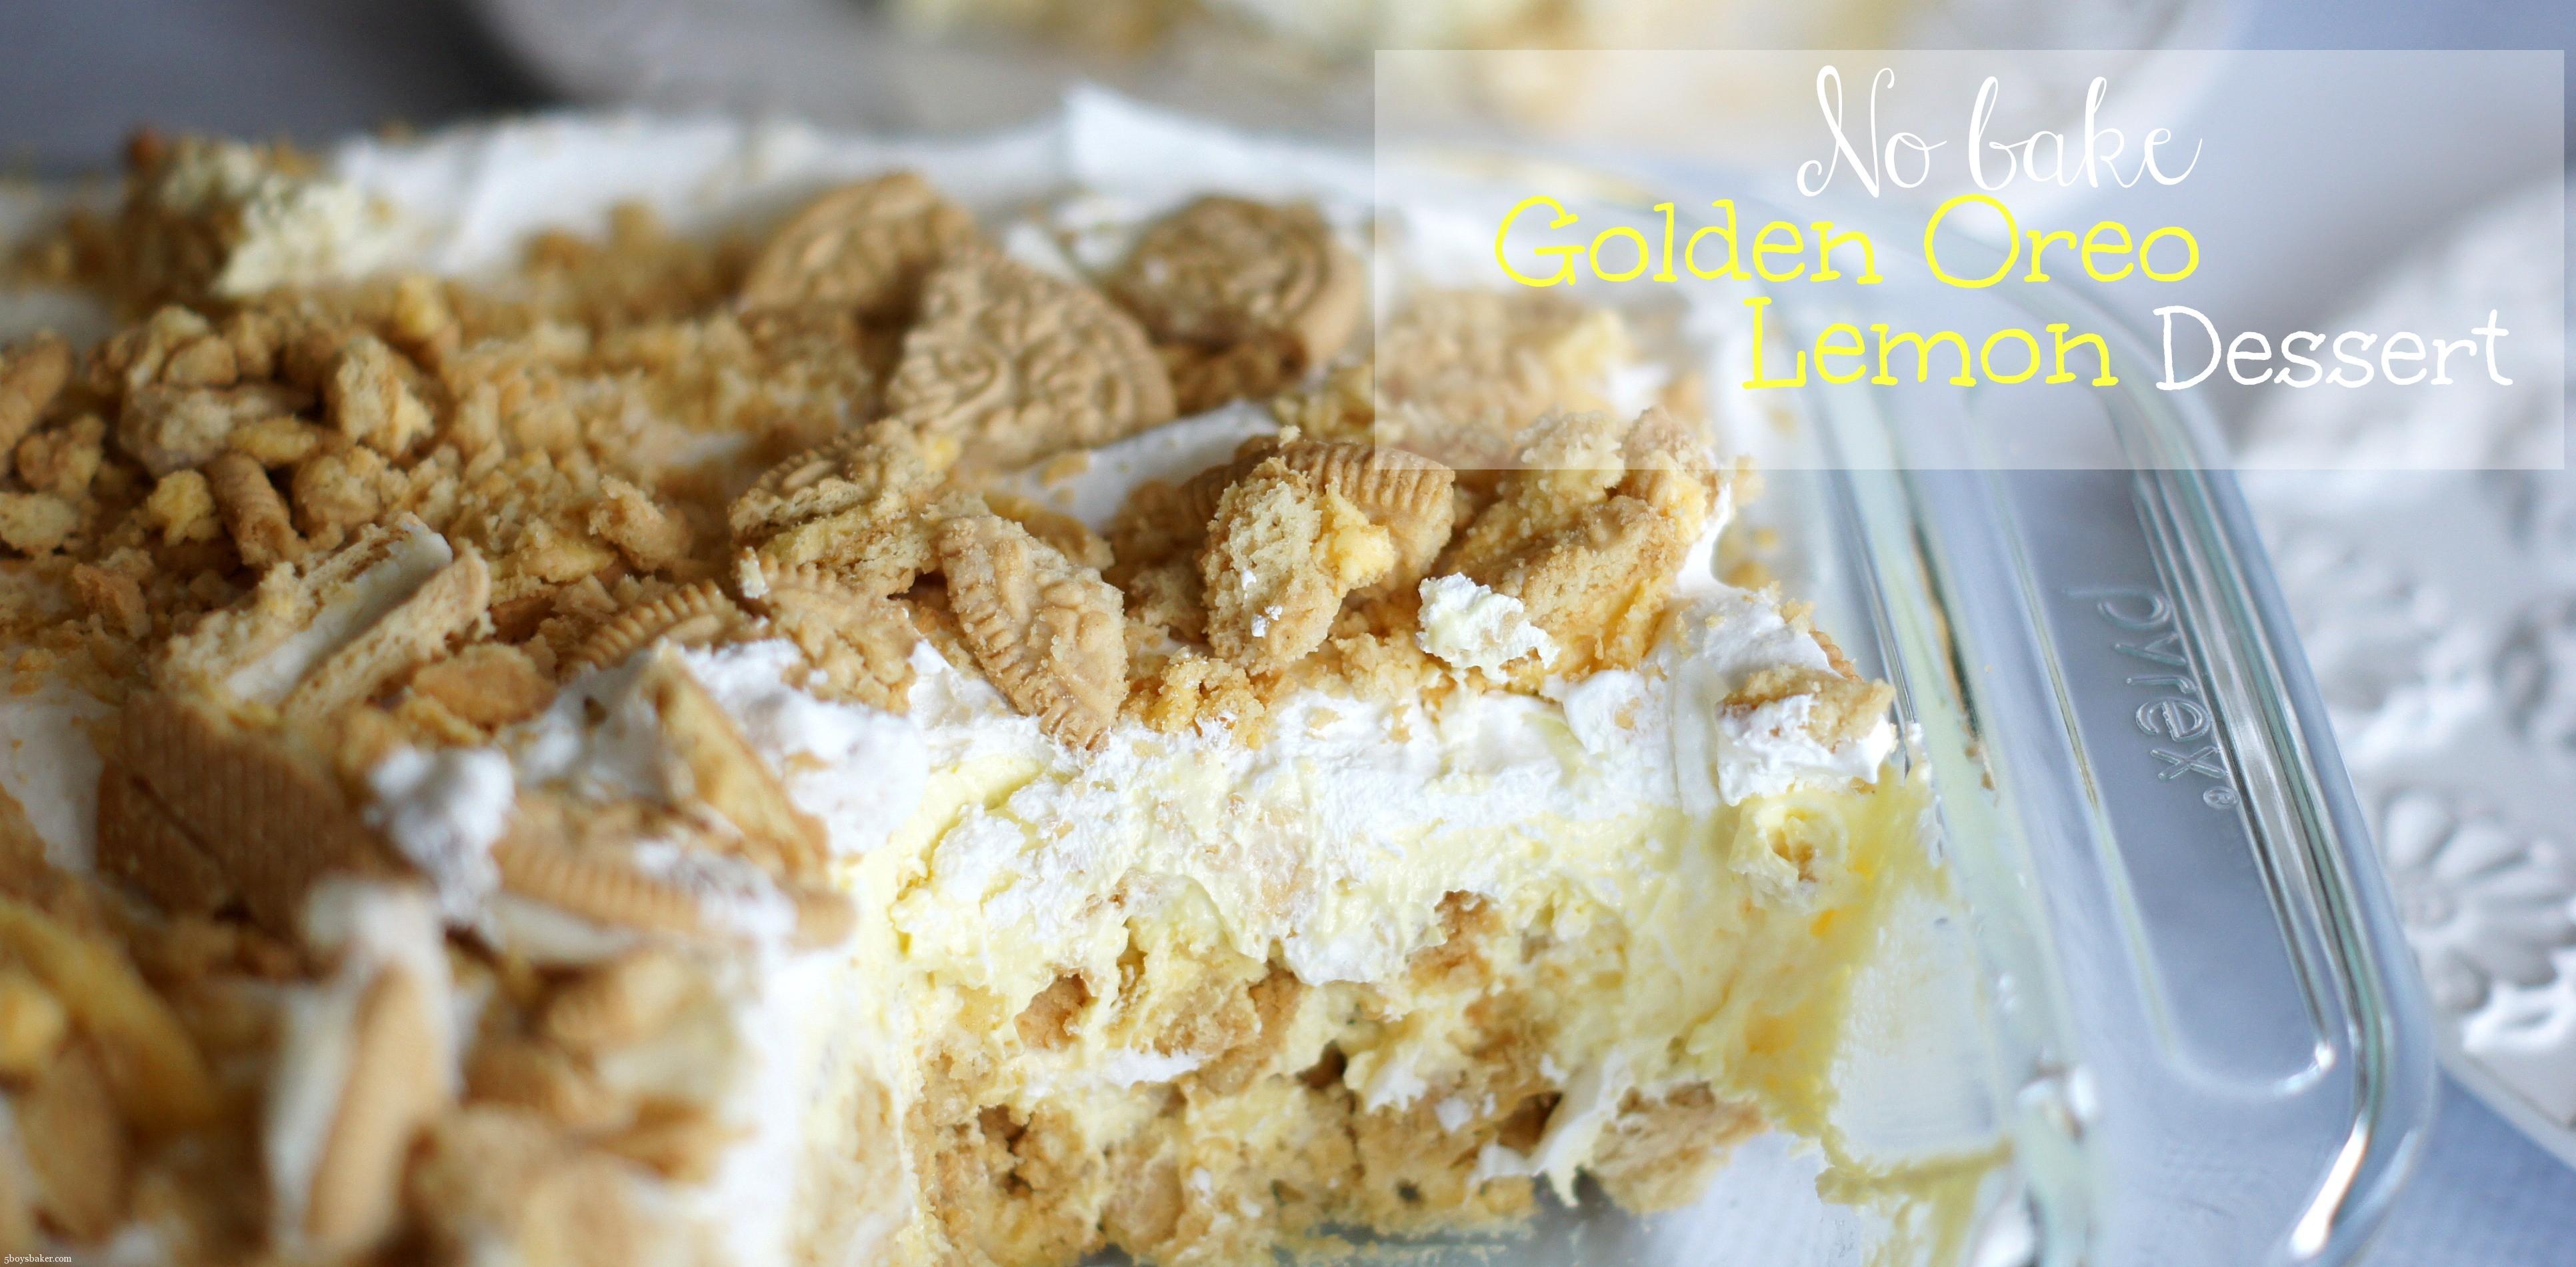 Plate of No Bake Golden Oreo Lemon Dessert